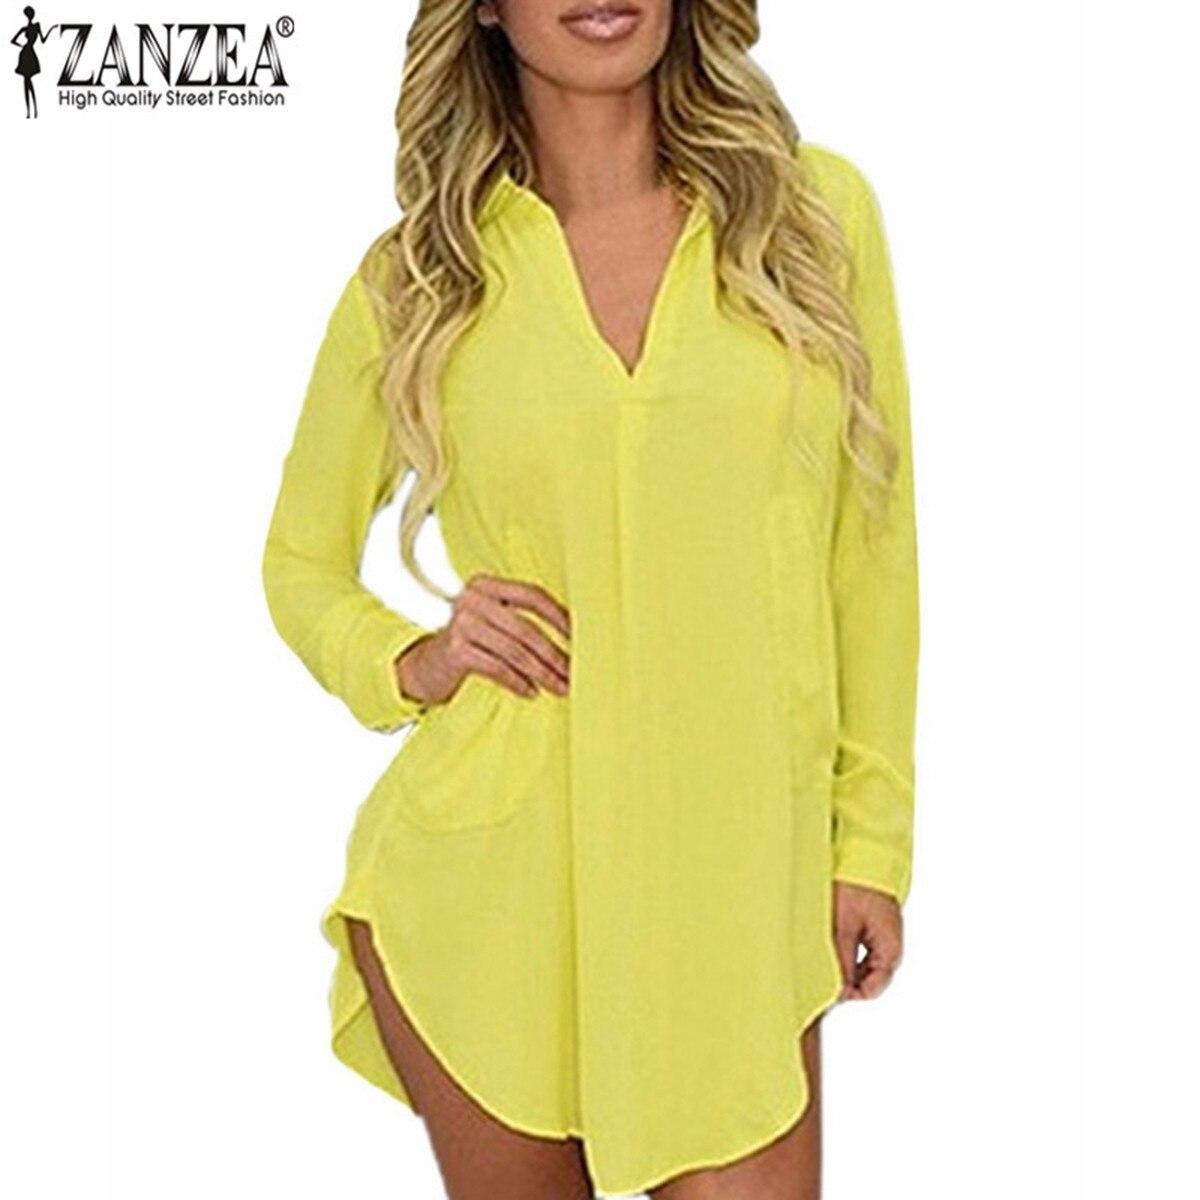 Zanzea Women Casual Loose Long Chiffon Shirts 2016 Spring Long